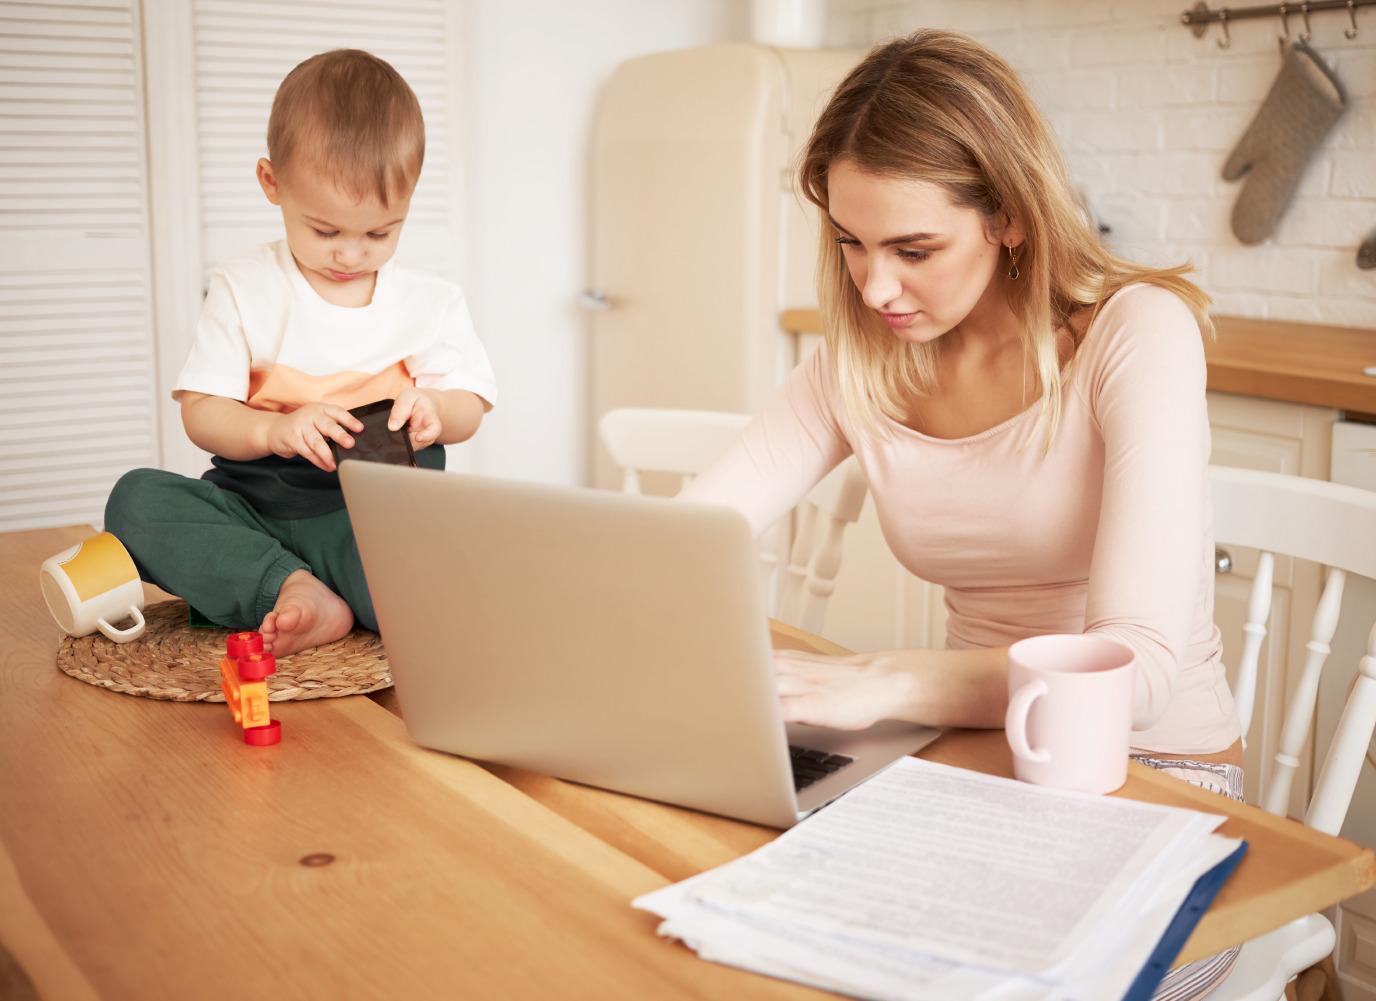 Trẻ chậm nói: Dấu hiệu nhận biết và cách khắc phục hiệu quả nhất